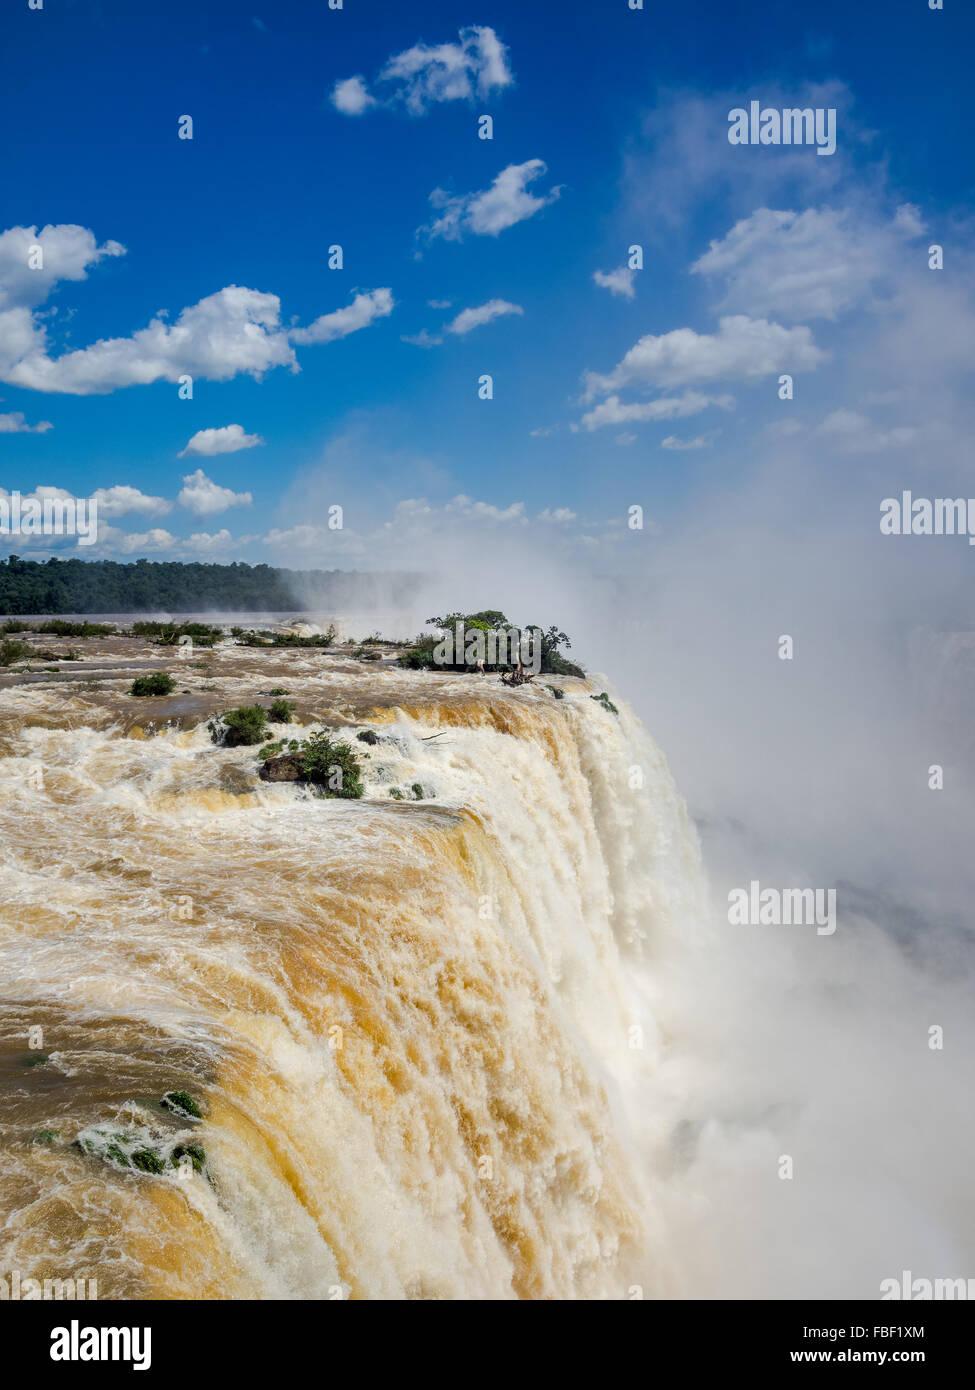 Cataratas de Iguazú, en la frontera de Argentina y Brasil. Imagen De Stock